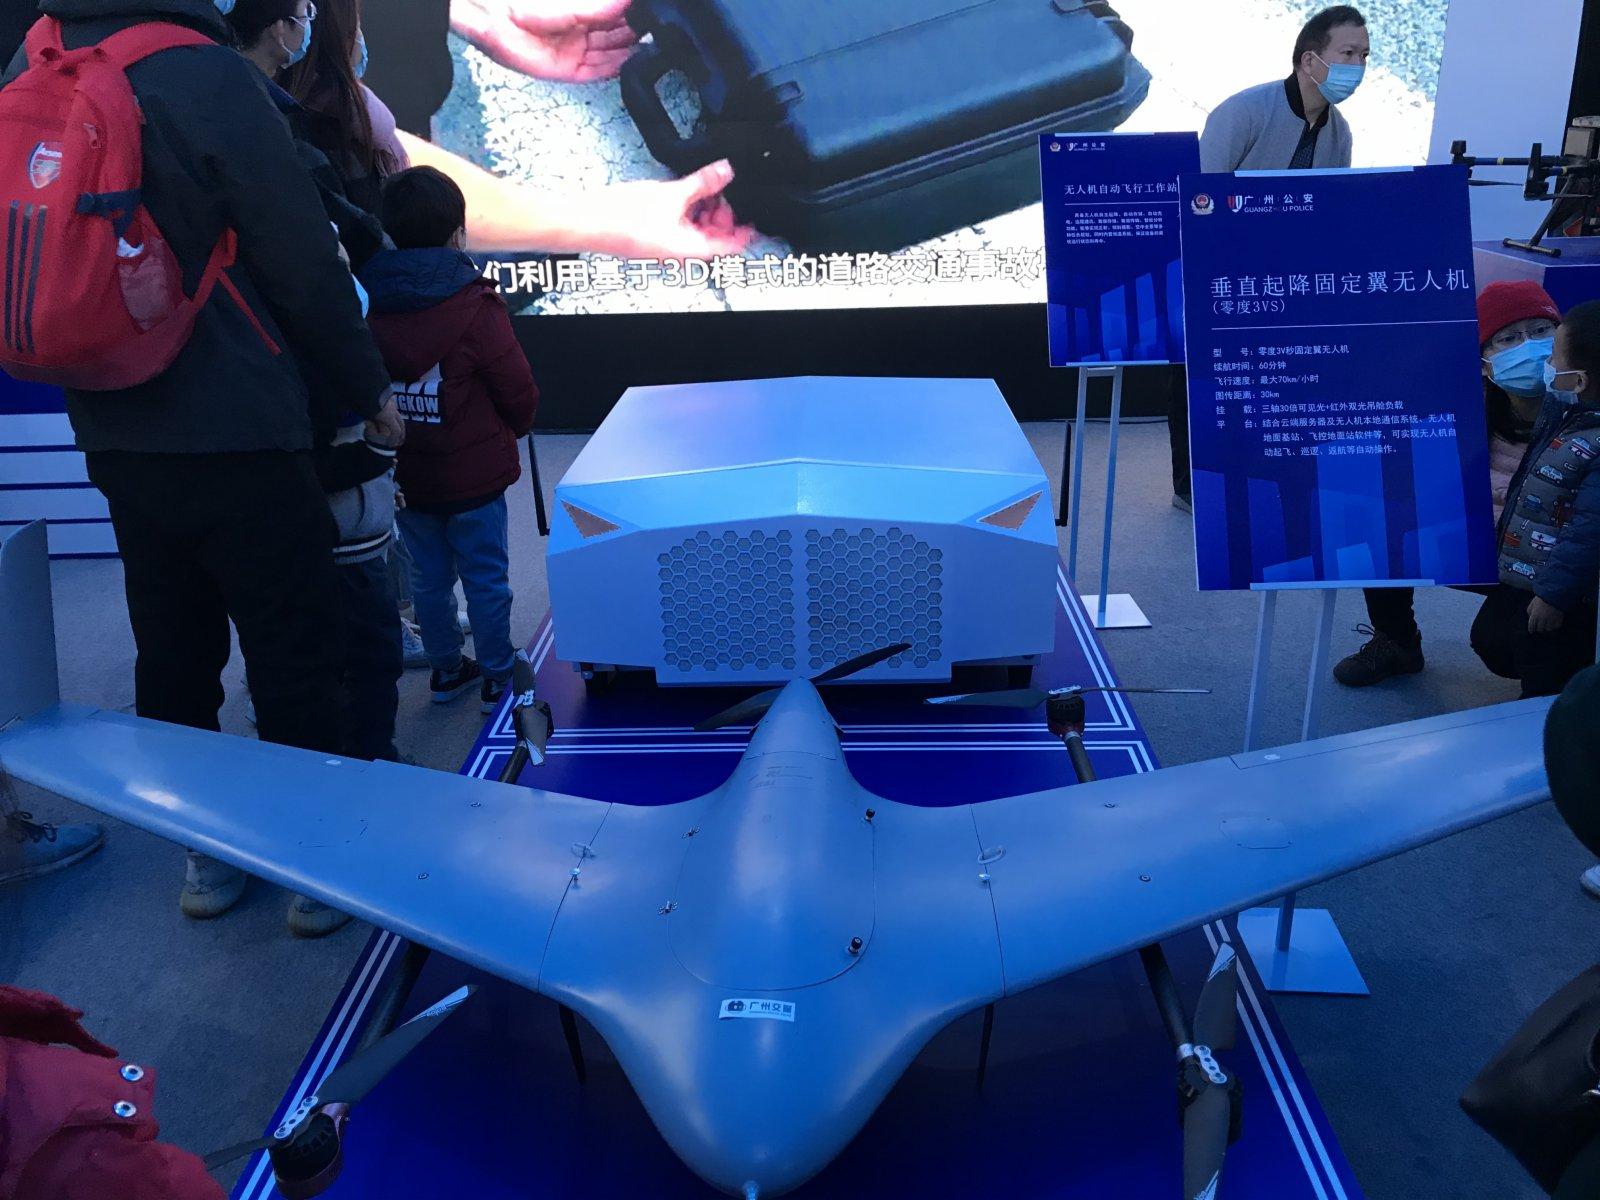 警用垂直起降固定翼無人機,可實現自動起飛、巡邏、返航等自動操作,最大傳圖距離達到30公里。記者敖敏輝 攝